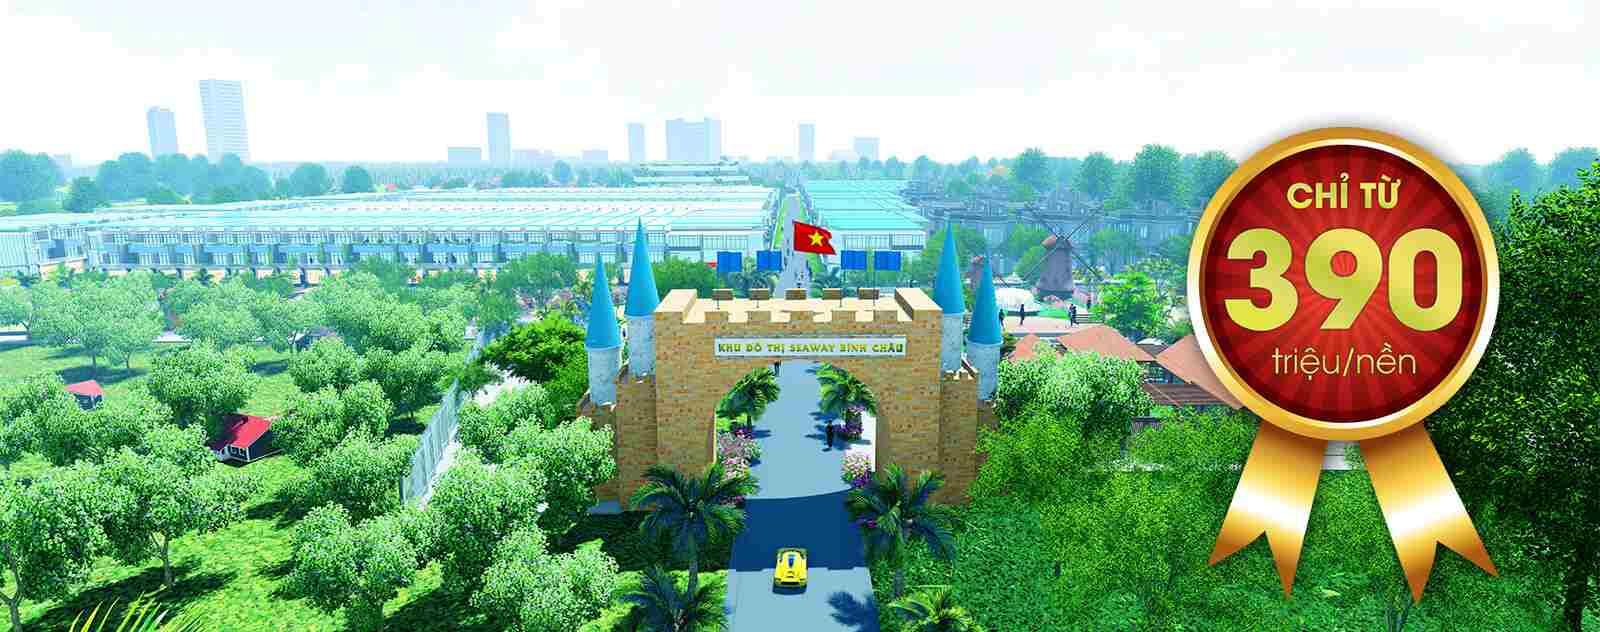 Dự án đất nền khu đô thị SeaWay Bình Châu - Bà Rịa Vũng Tàu